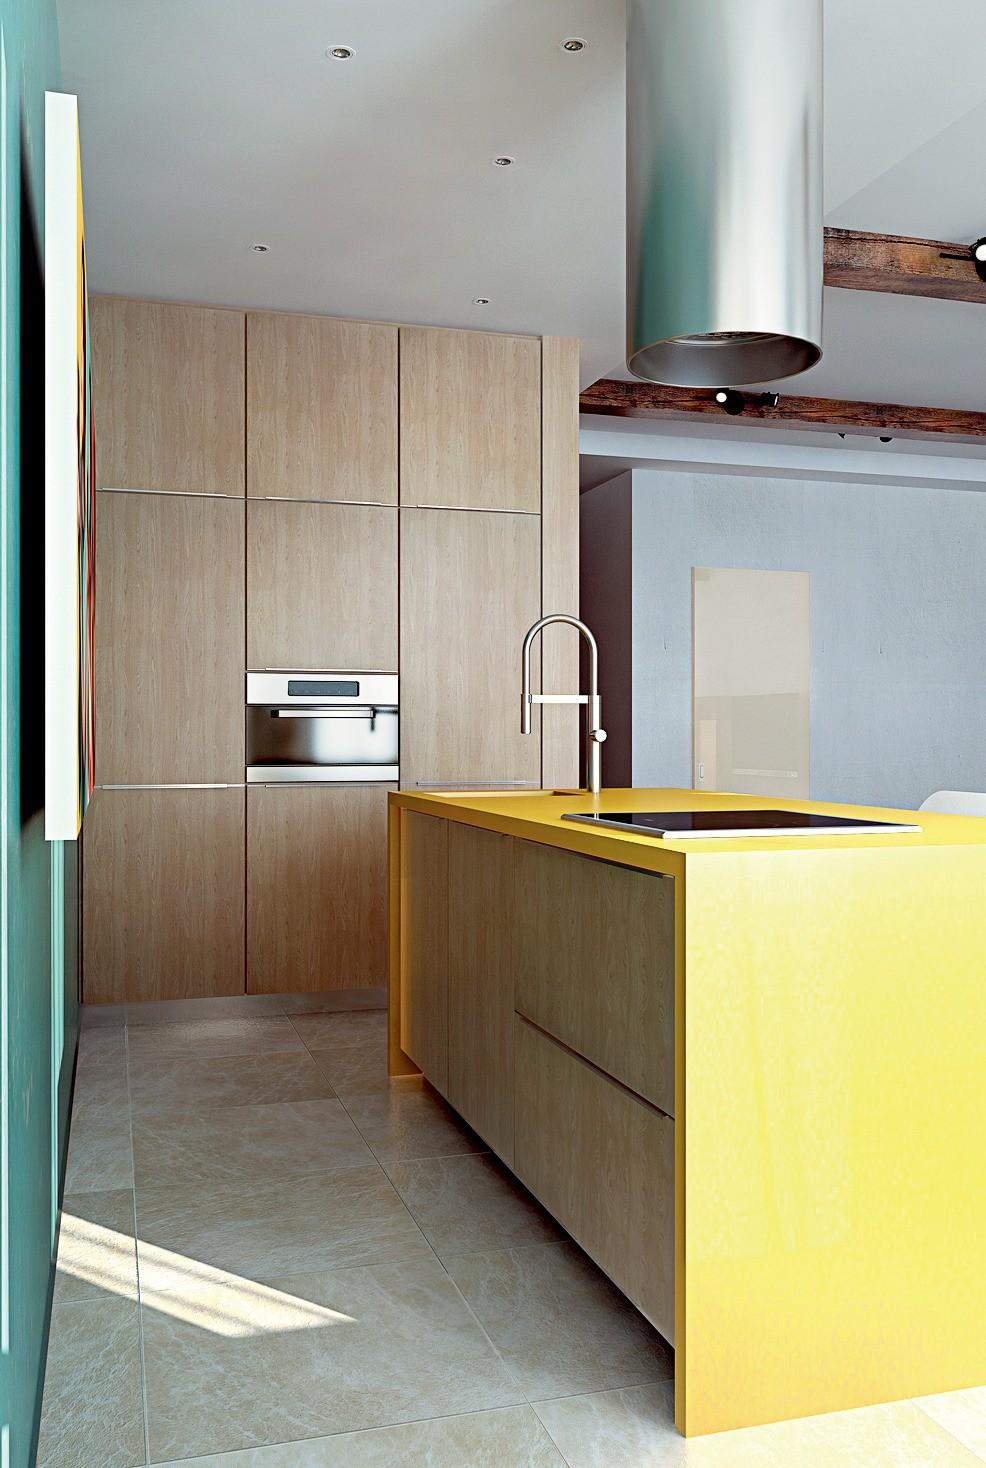 Для отделки внешних стен санузла и фасадов мебели кухни выбраны схожие материалы, поэтому объём влажной зоны и высокие шкафы со встроенной техникой (духовкой с функцией СВЧ, посудомоечной...